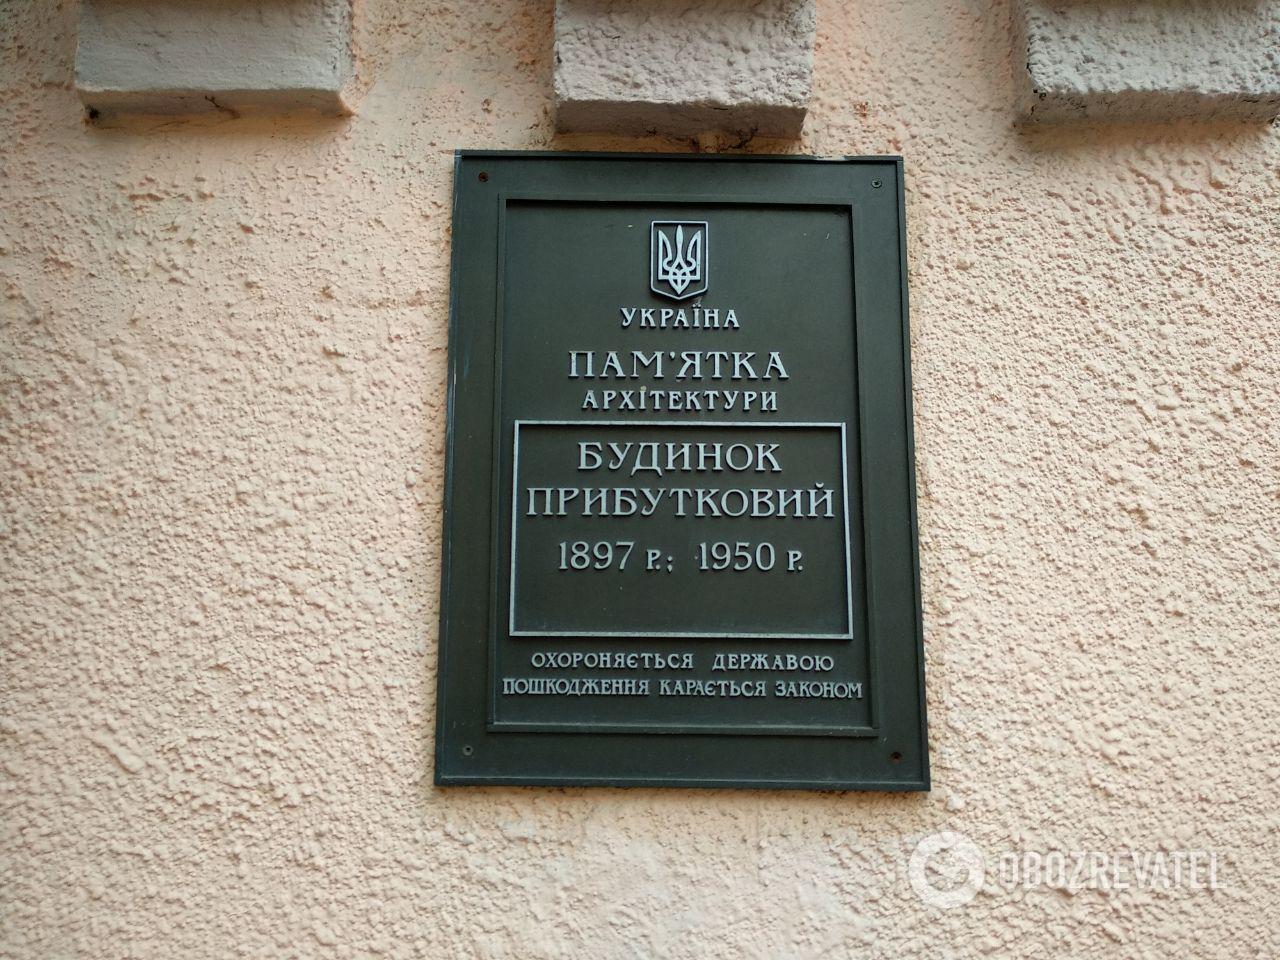 Будинок на вулиці Городецького – пам'ятка архітектури